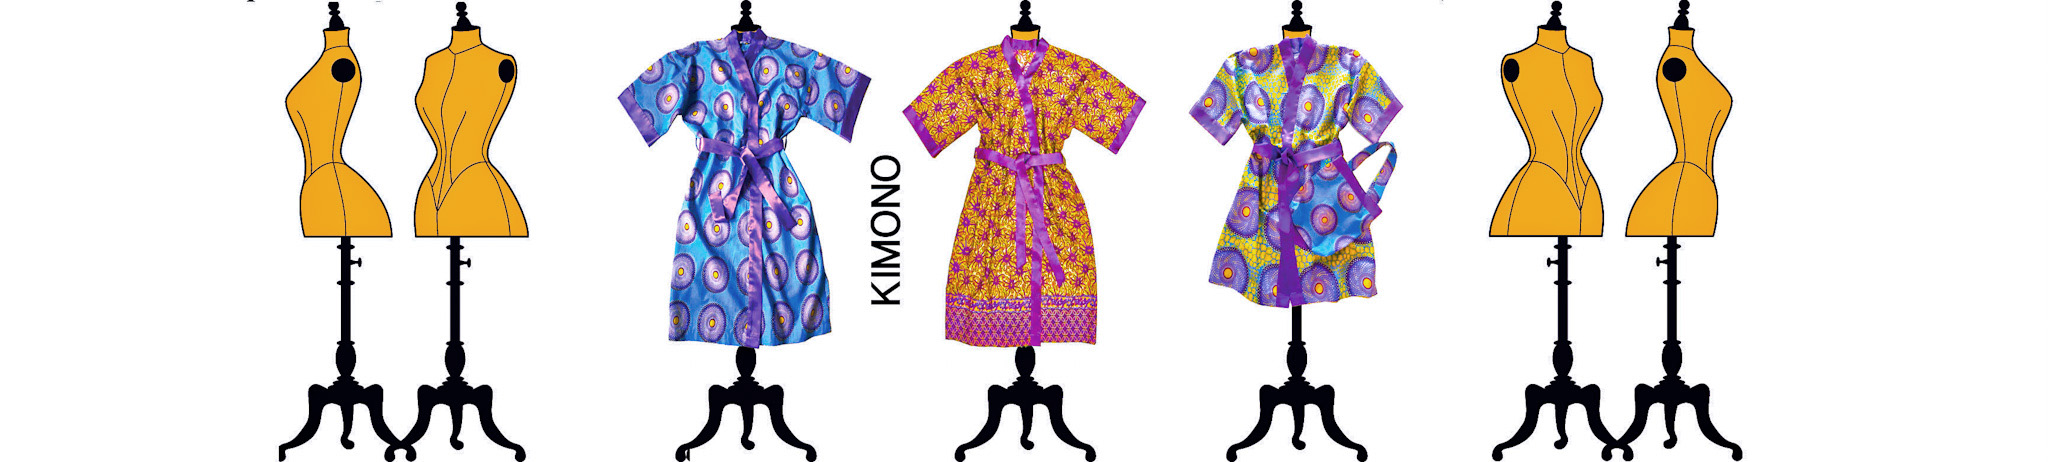 домашняя одежда, подарок, хлопковый халатик, яркий экзотический халат